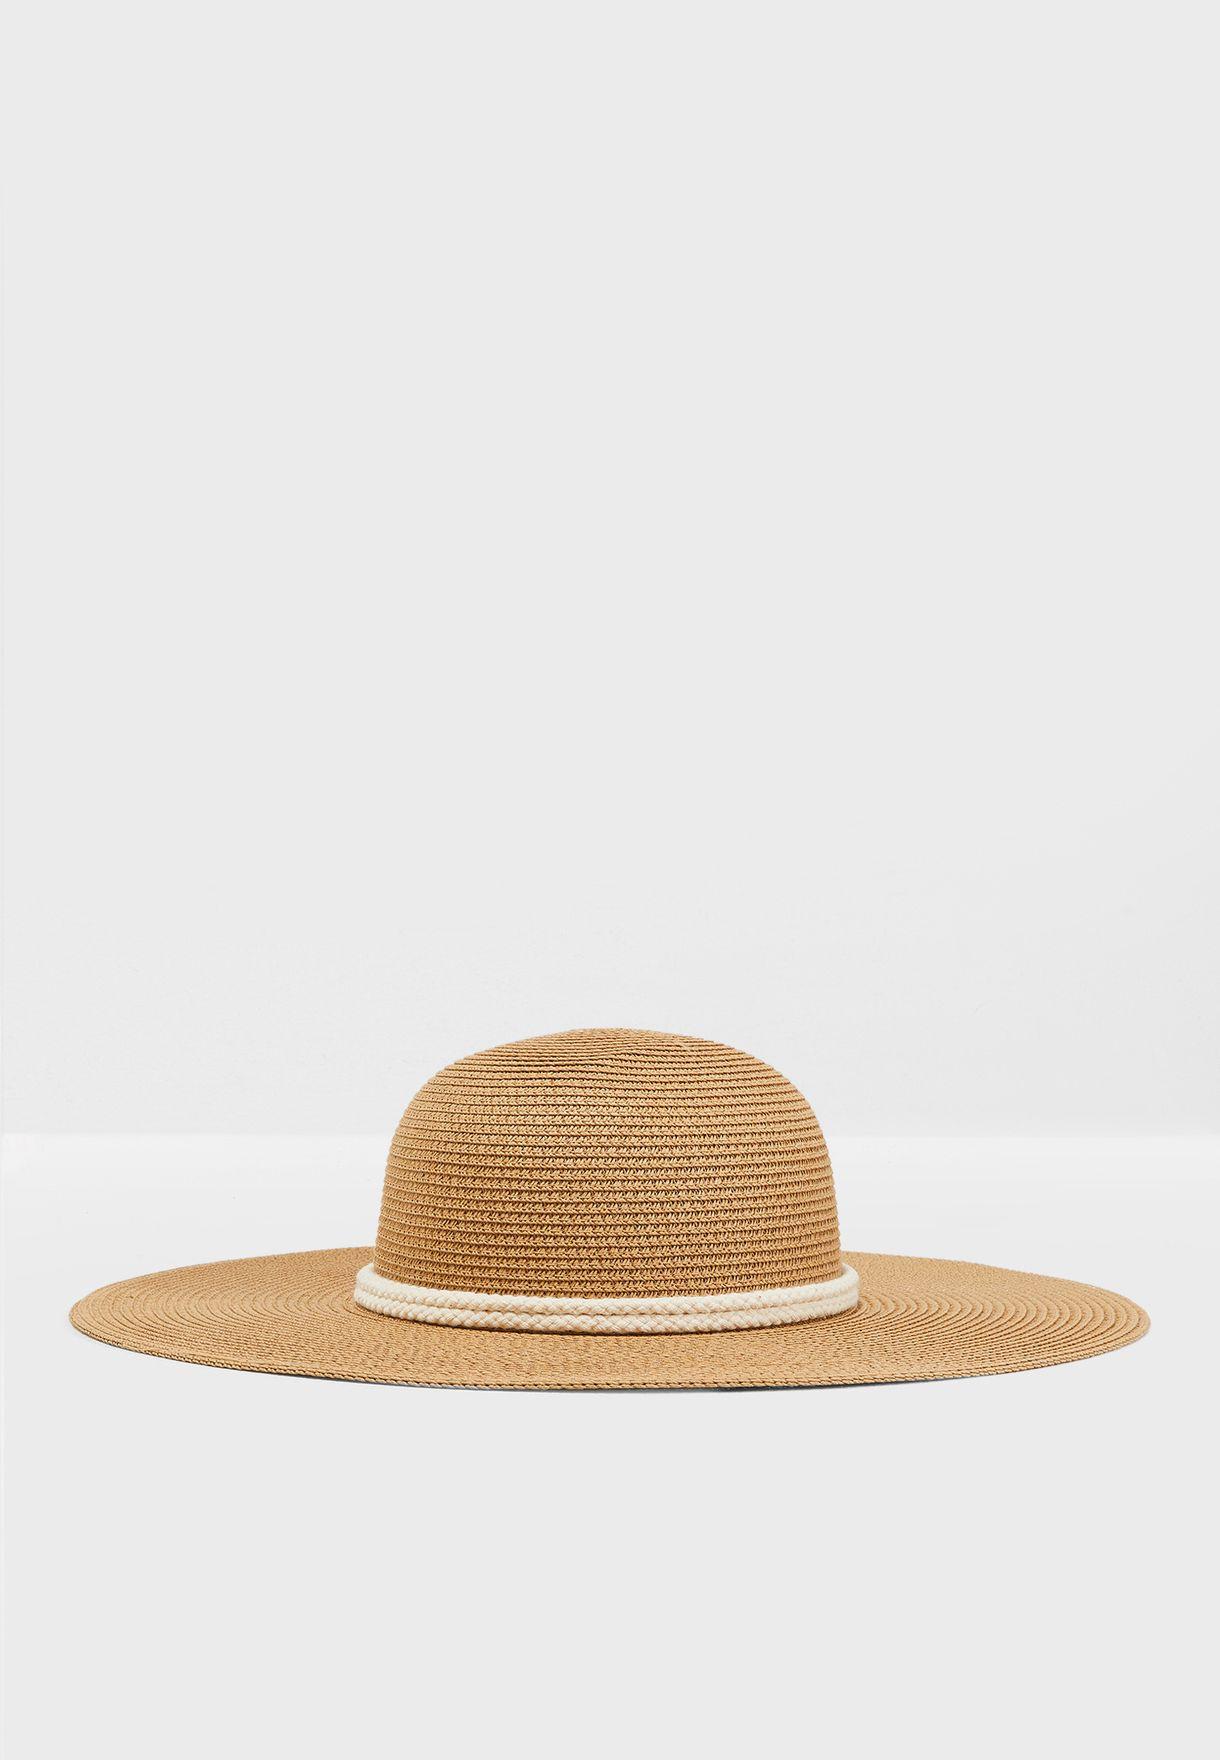 قبعة مزينة بحبل